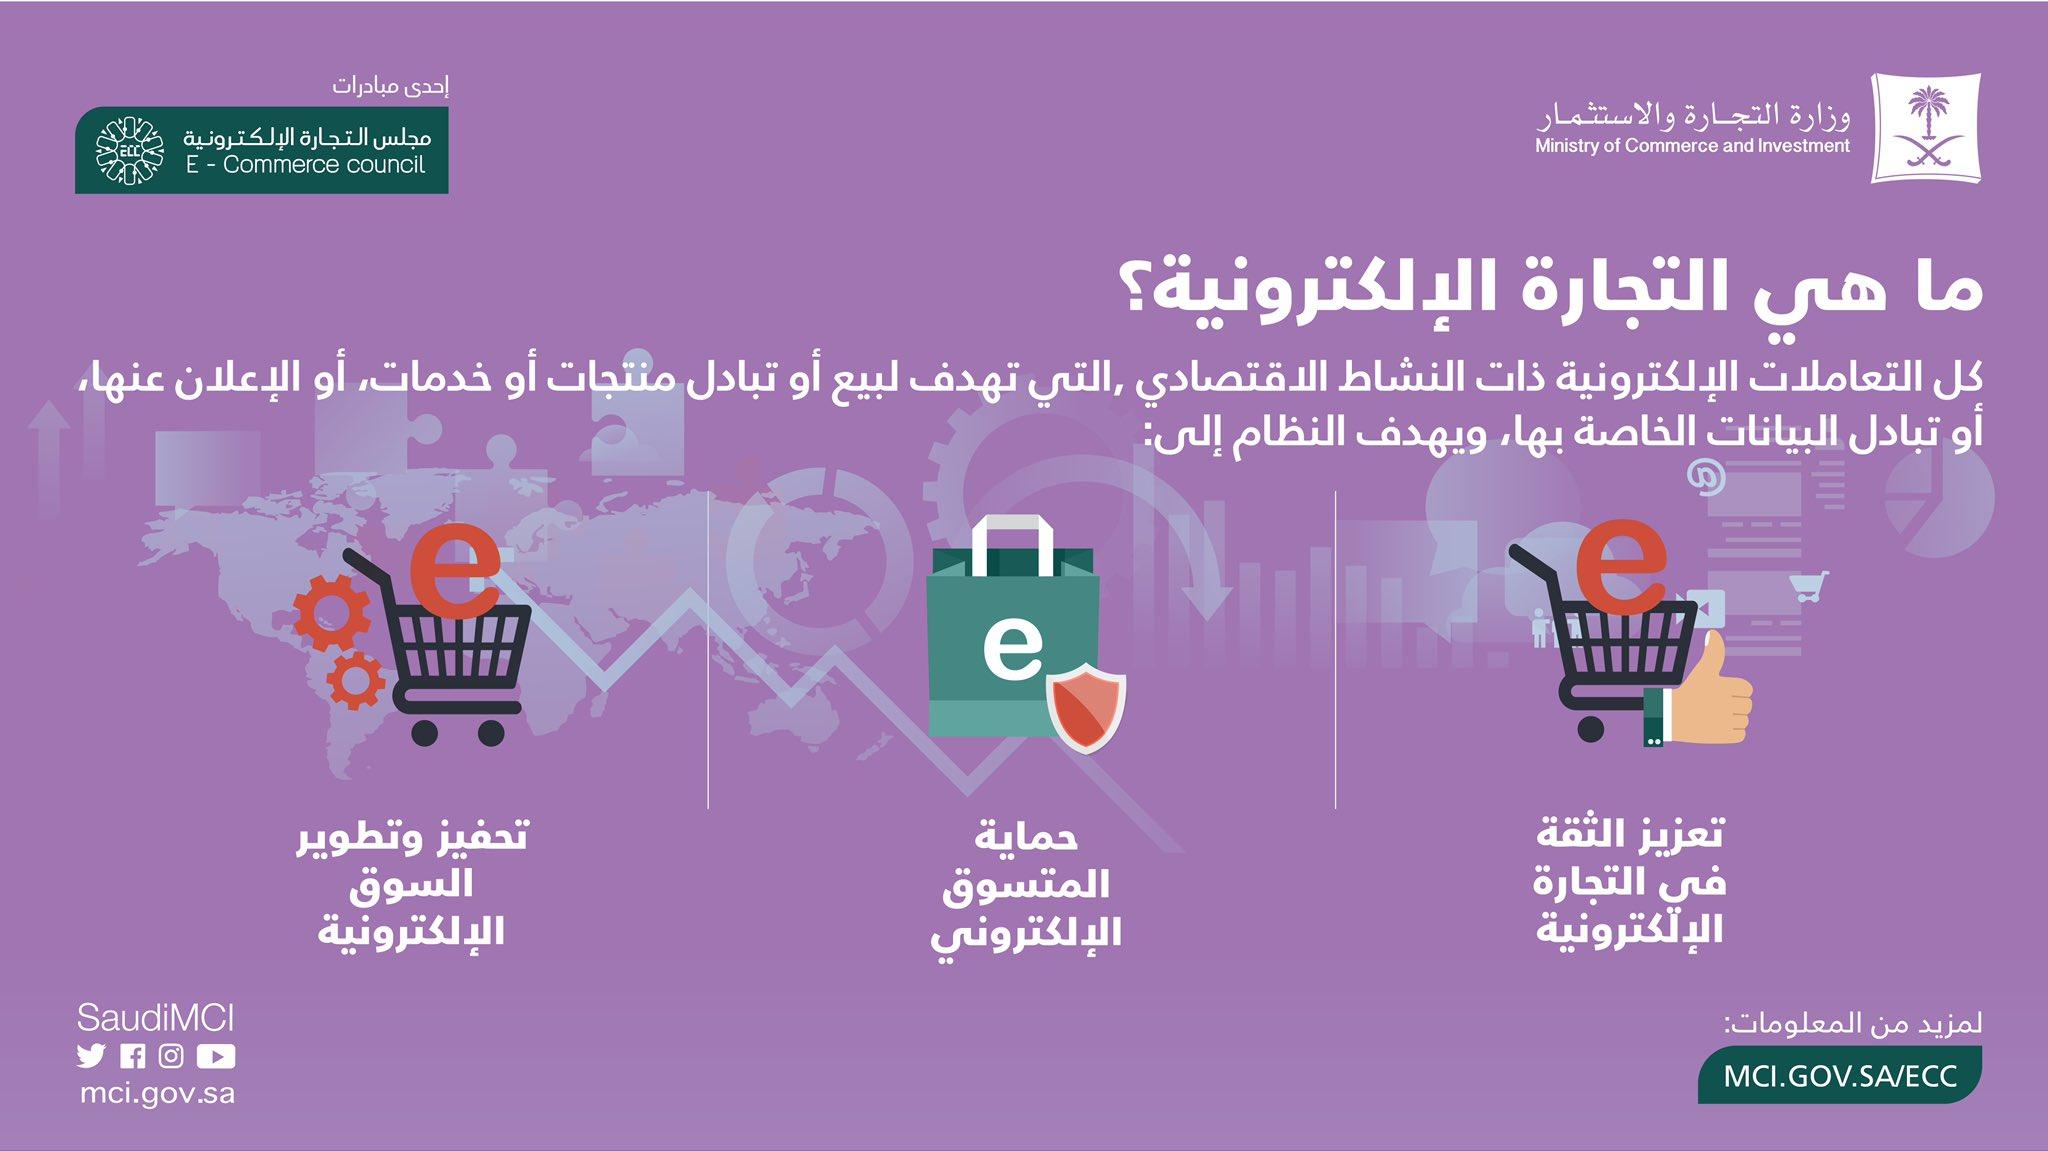 مجلس الوزراء السعودي يصادق على نظام التجارة الإلكترونية في المملكة